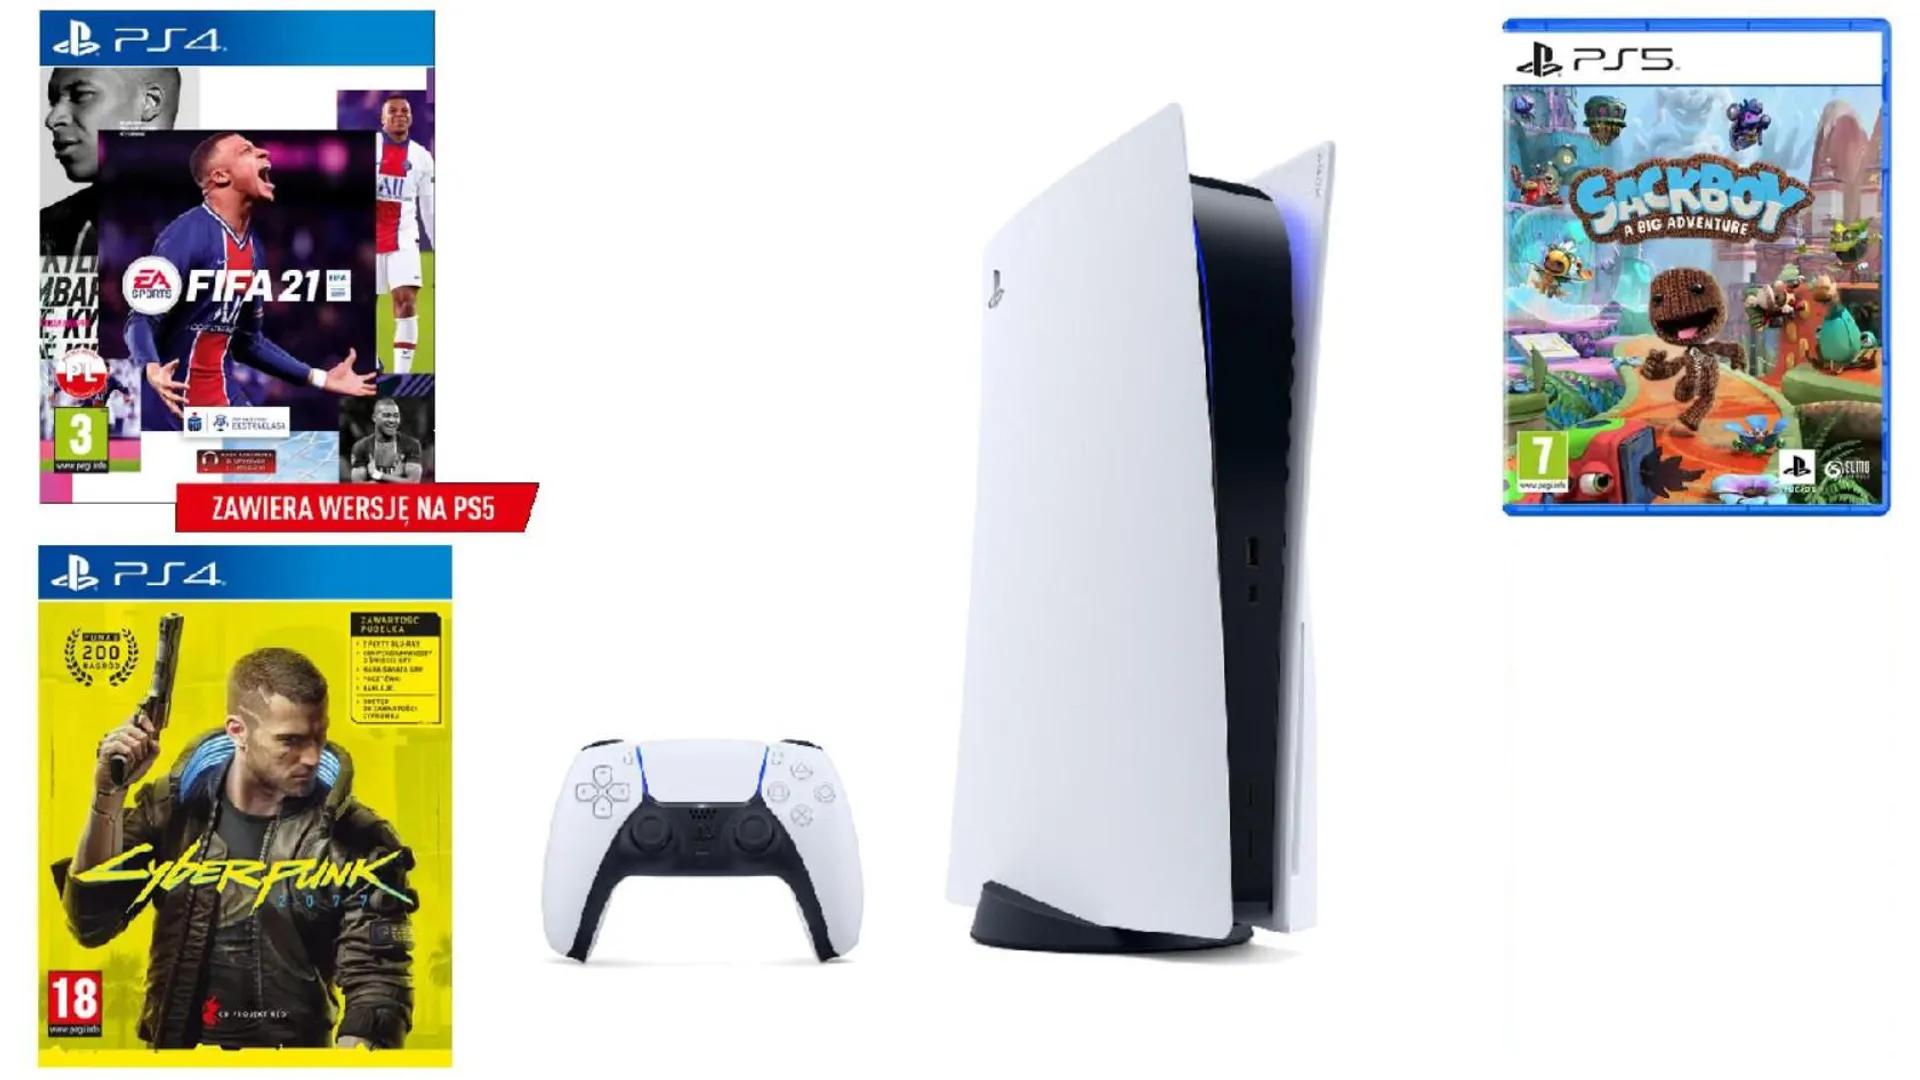 PlayStation 5 + CYBERPUNK 2077 Playstation 4 + FIFA 21 Playstation 4 + Sackboy A Big Adventure! Playstation 5